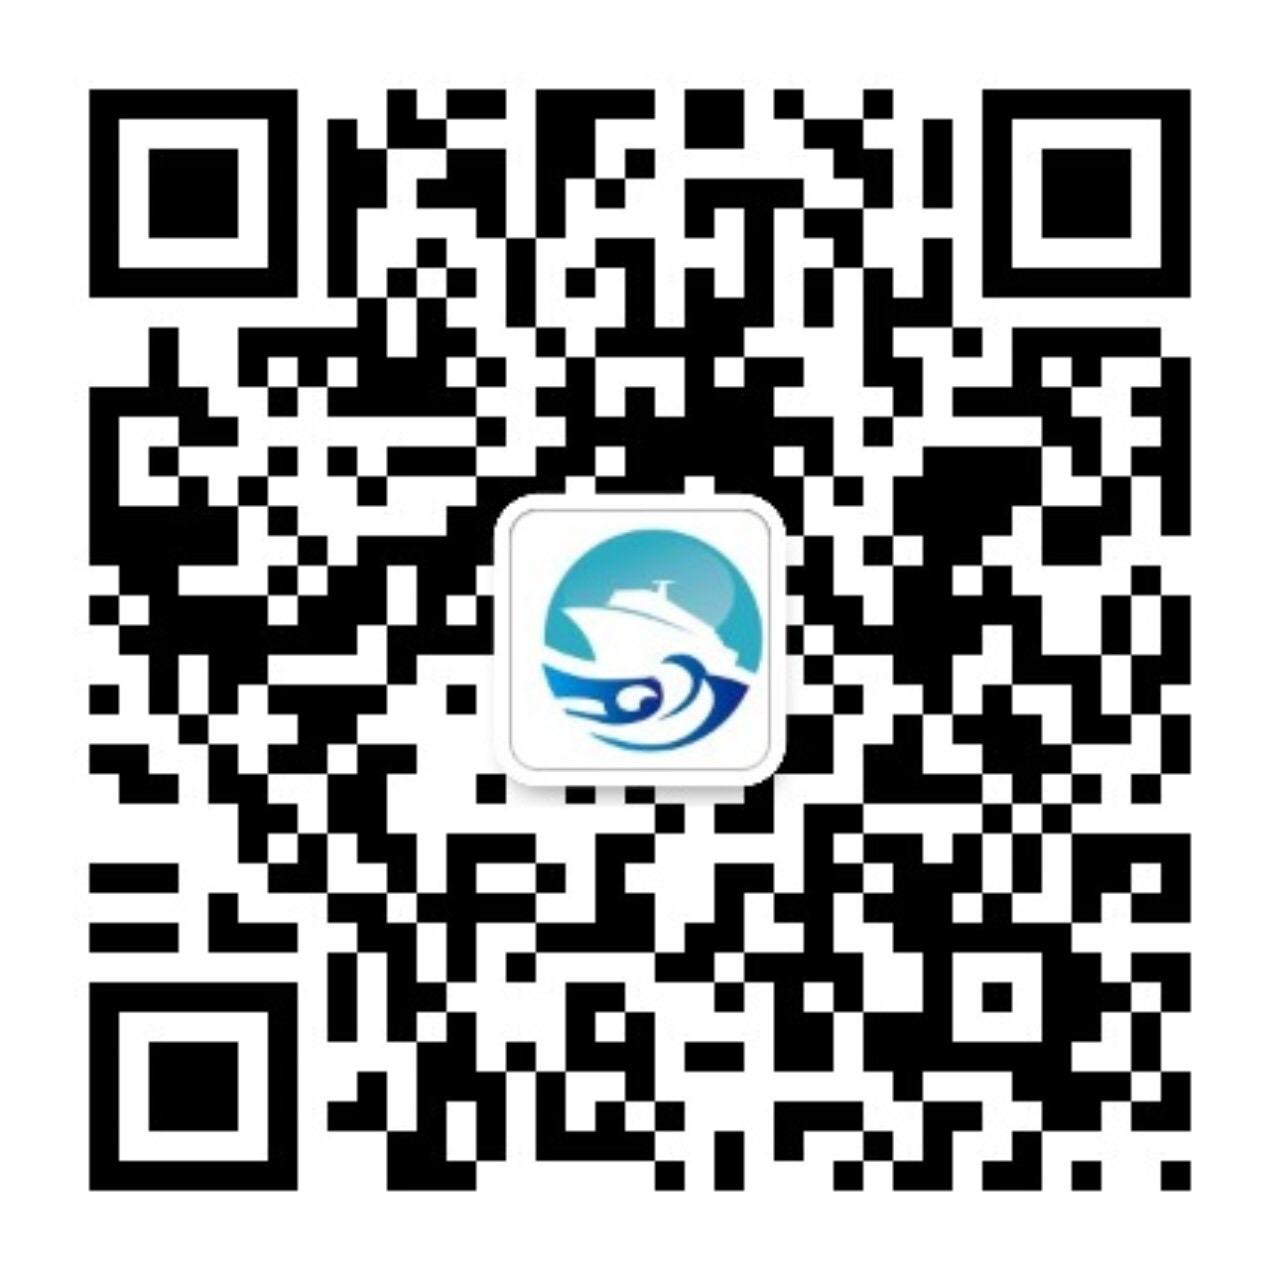 如何预定长江三峡游轮旅游船票才安全放心?三峡游轮网上订票如何办理!